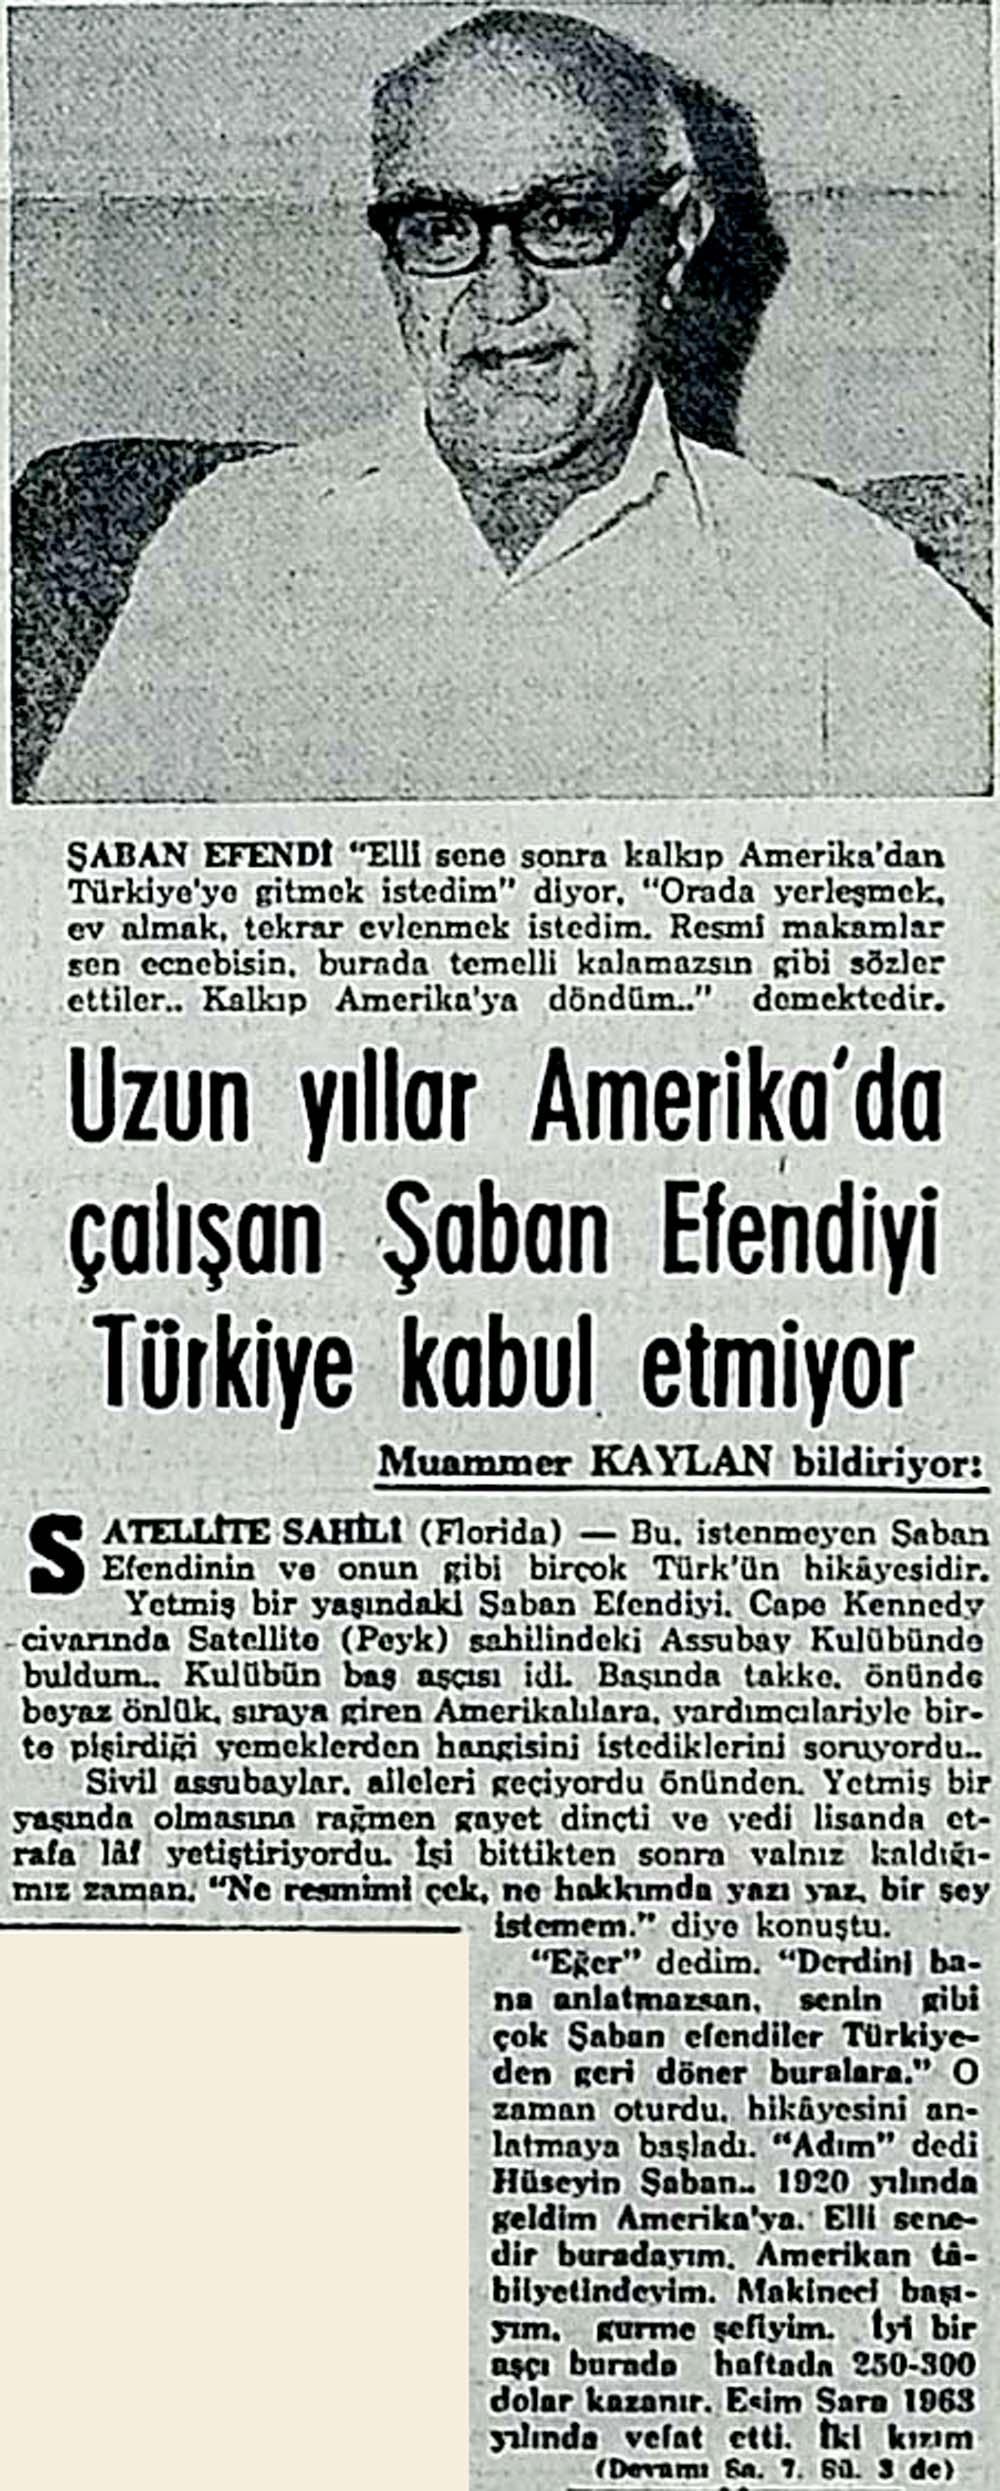 Uzun yıllar Amerika'da çalışan Şaban Efendiyi Türkiye kabul etmiyor